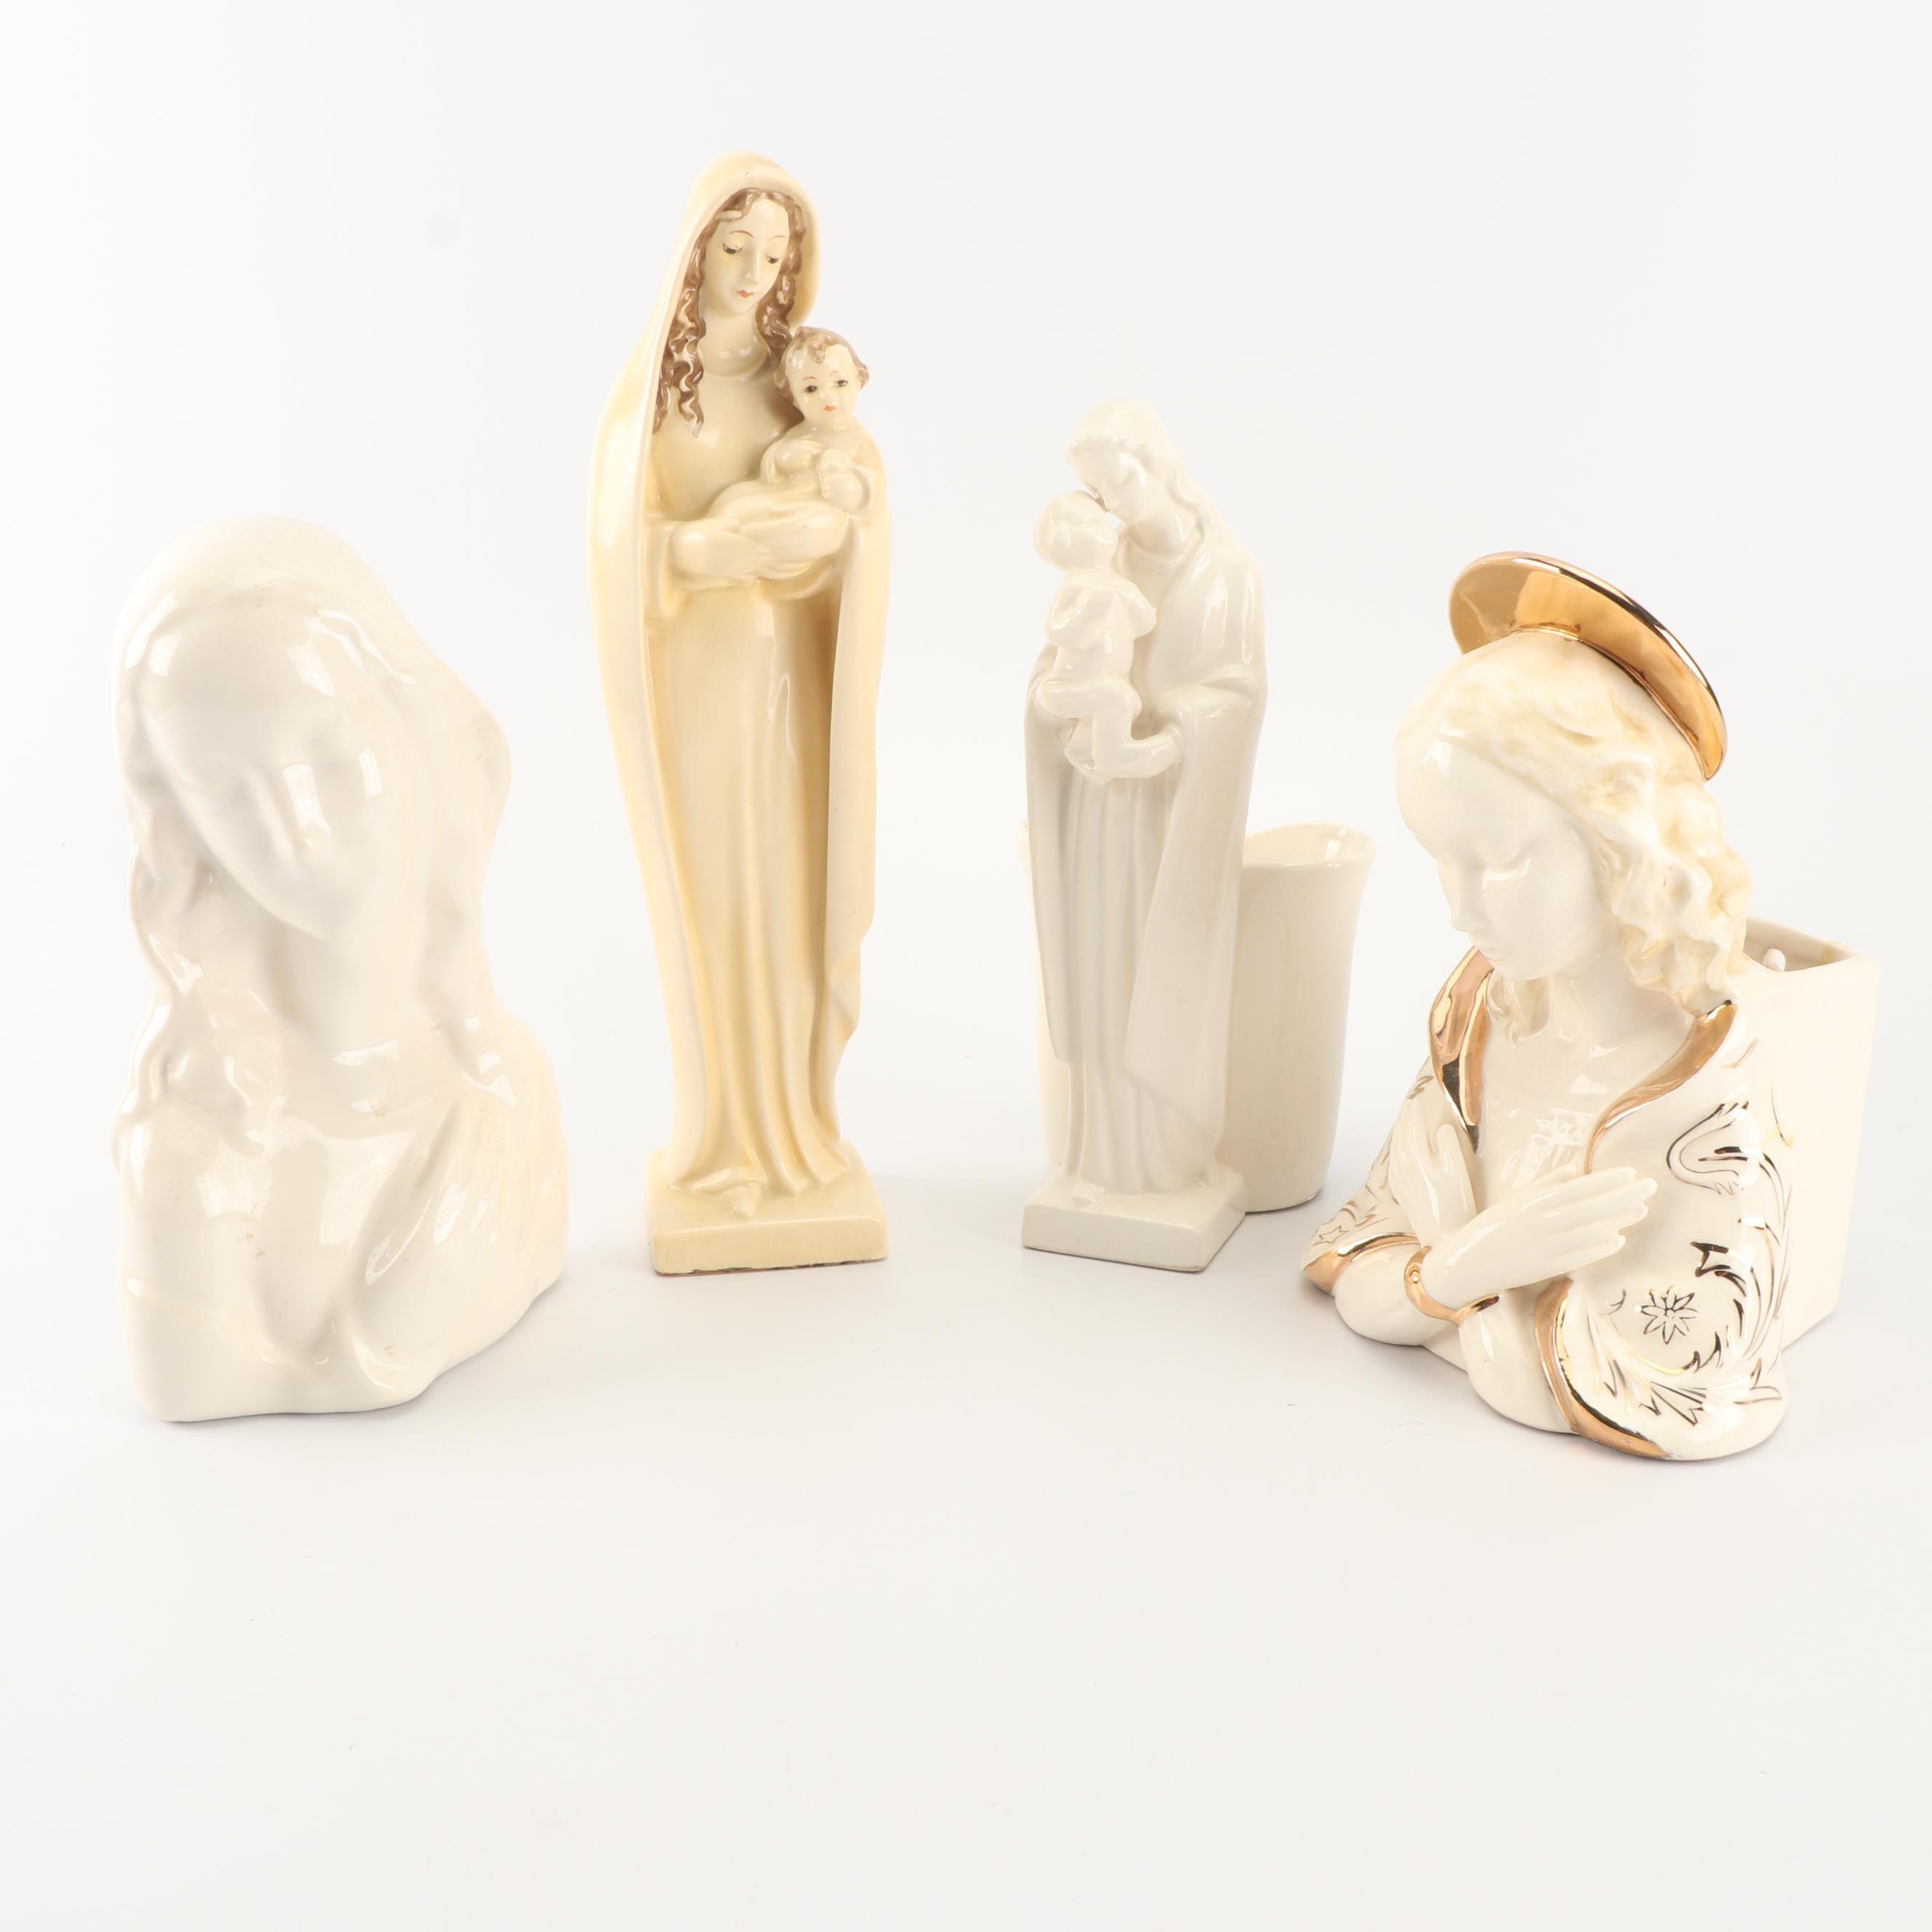 Vintage Porcelain Madonna Fugurines